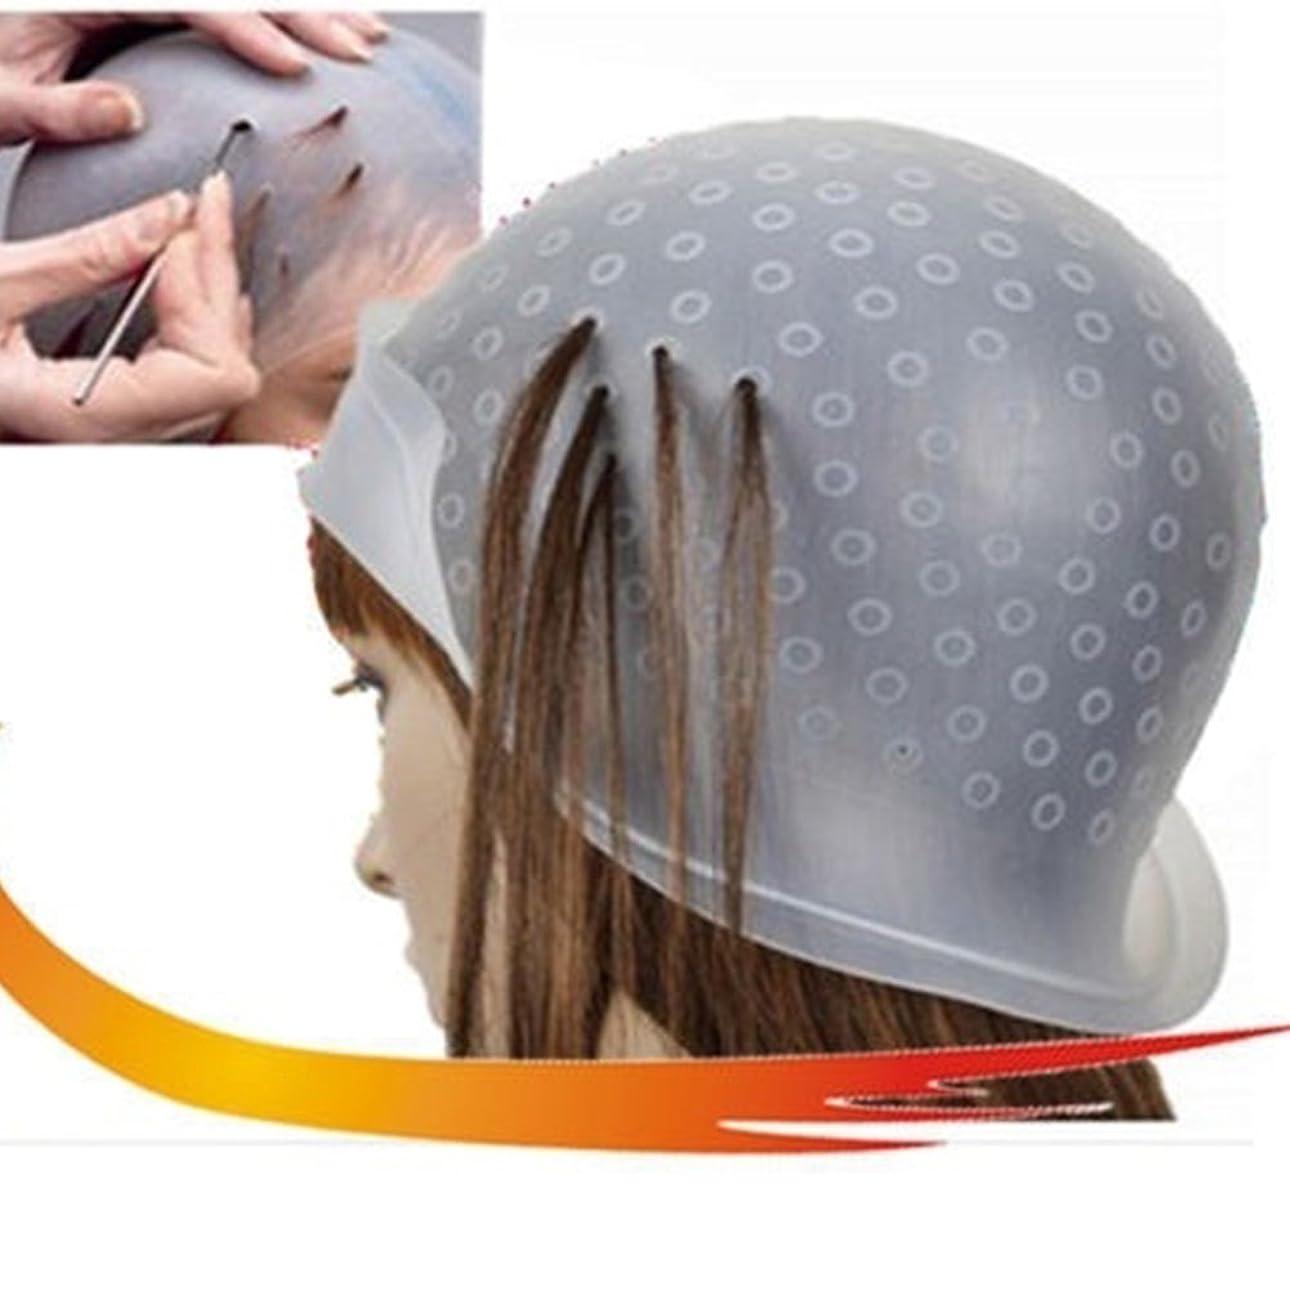 委任マーケティング製造染料フロスティングキャップ、再利用可能なシリコーンヘアカラーリングキャップ、髪を強調するキャップサロンヘアカラーリング染料キャップヘアスタイリングツール髪を染めるための針(トランスペアレント)